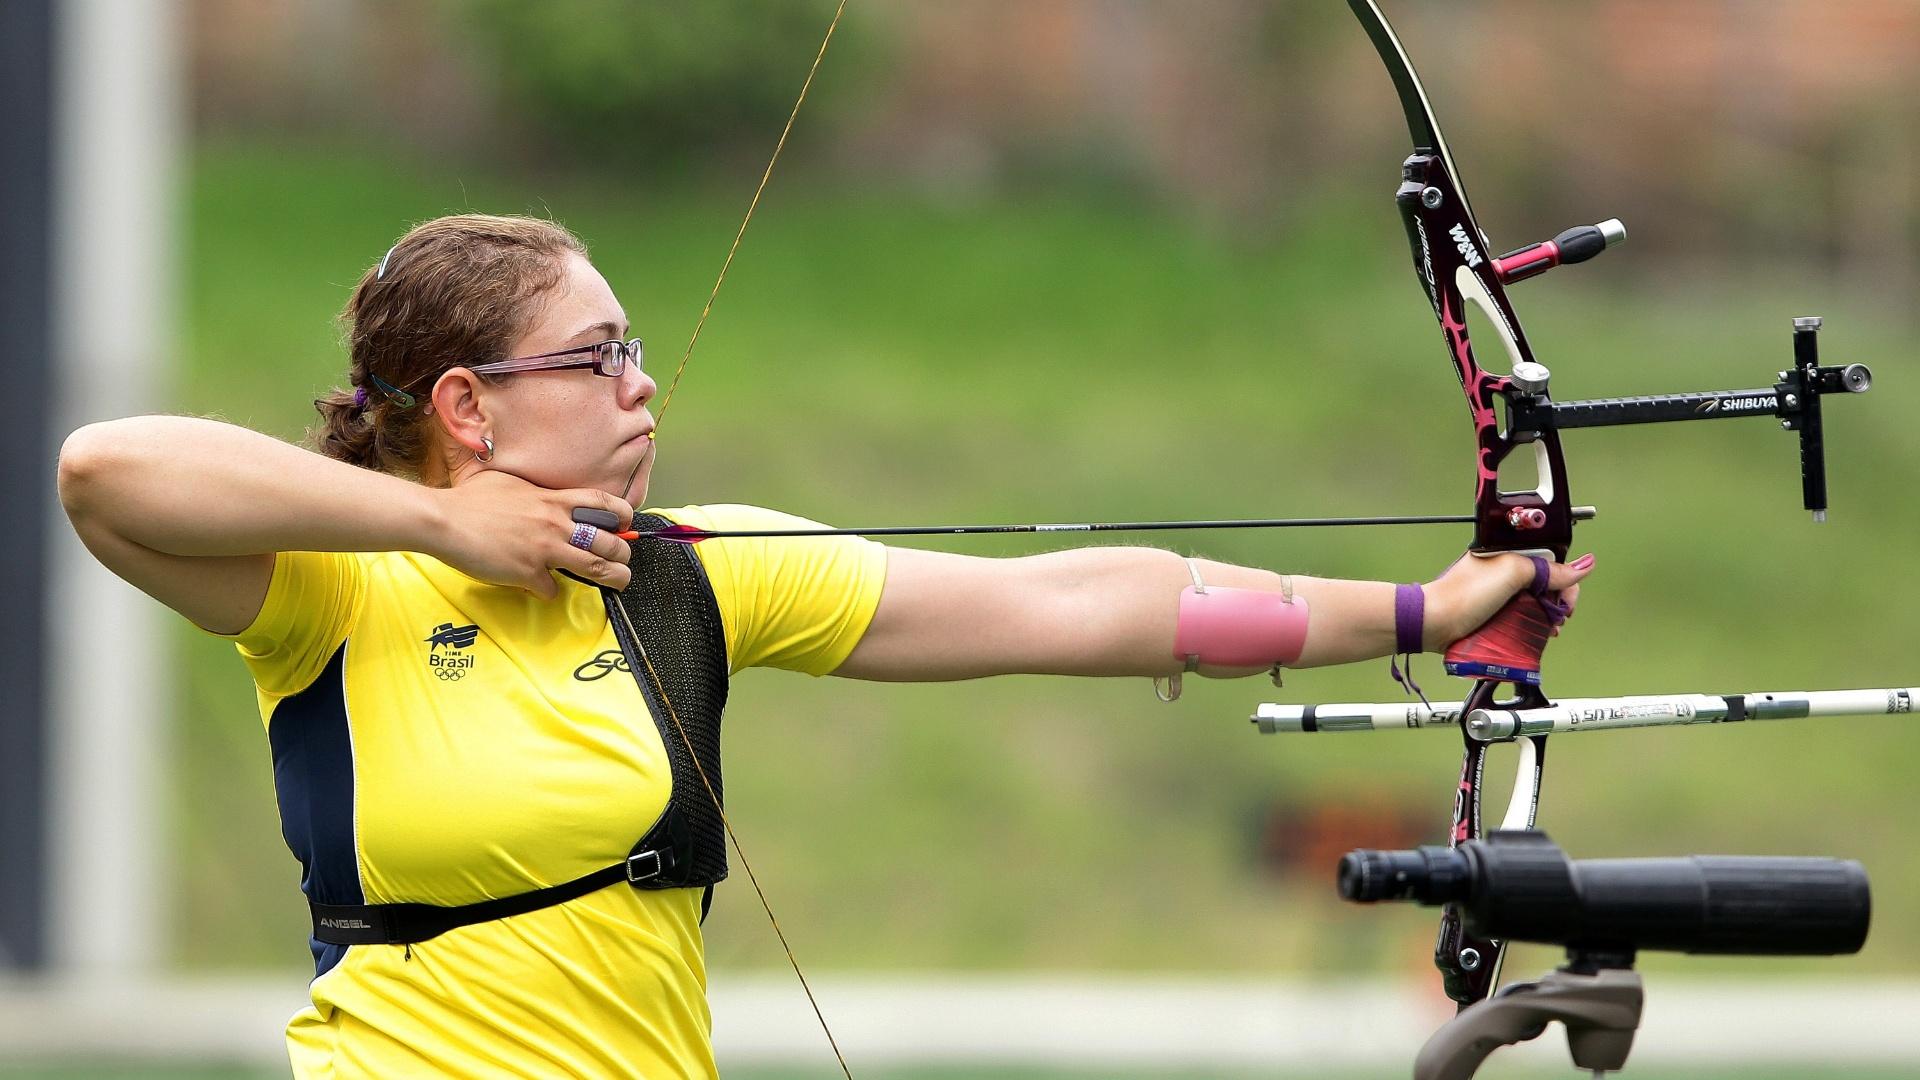 Sarah Nikitin, do tiro com arco, calibra a pontaria antes do início dos Jogos